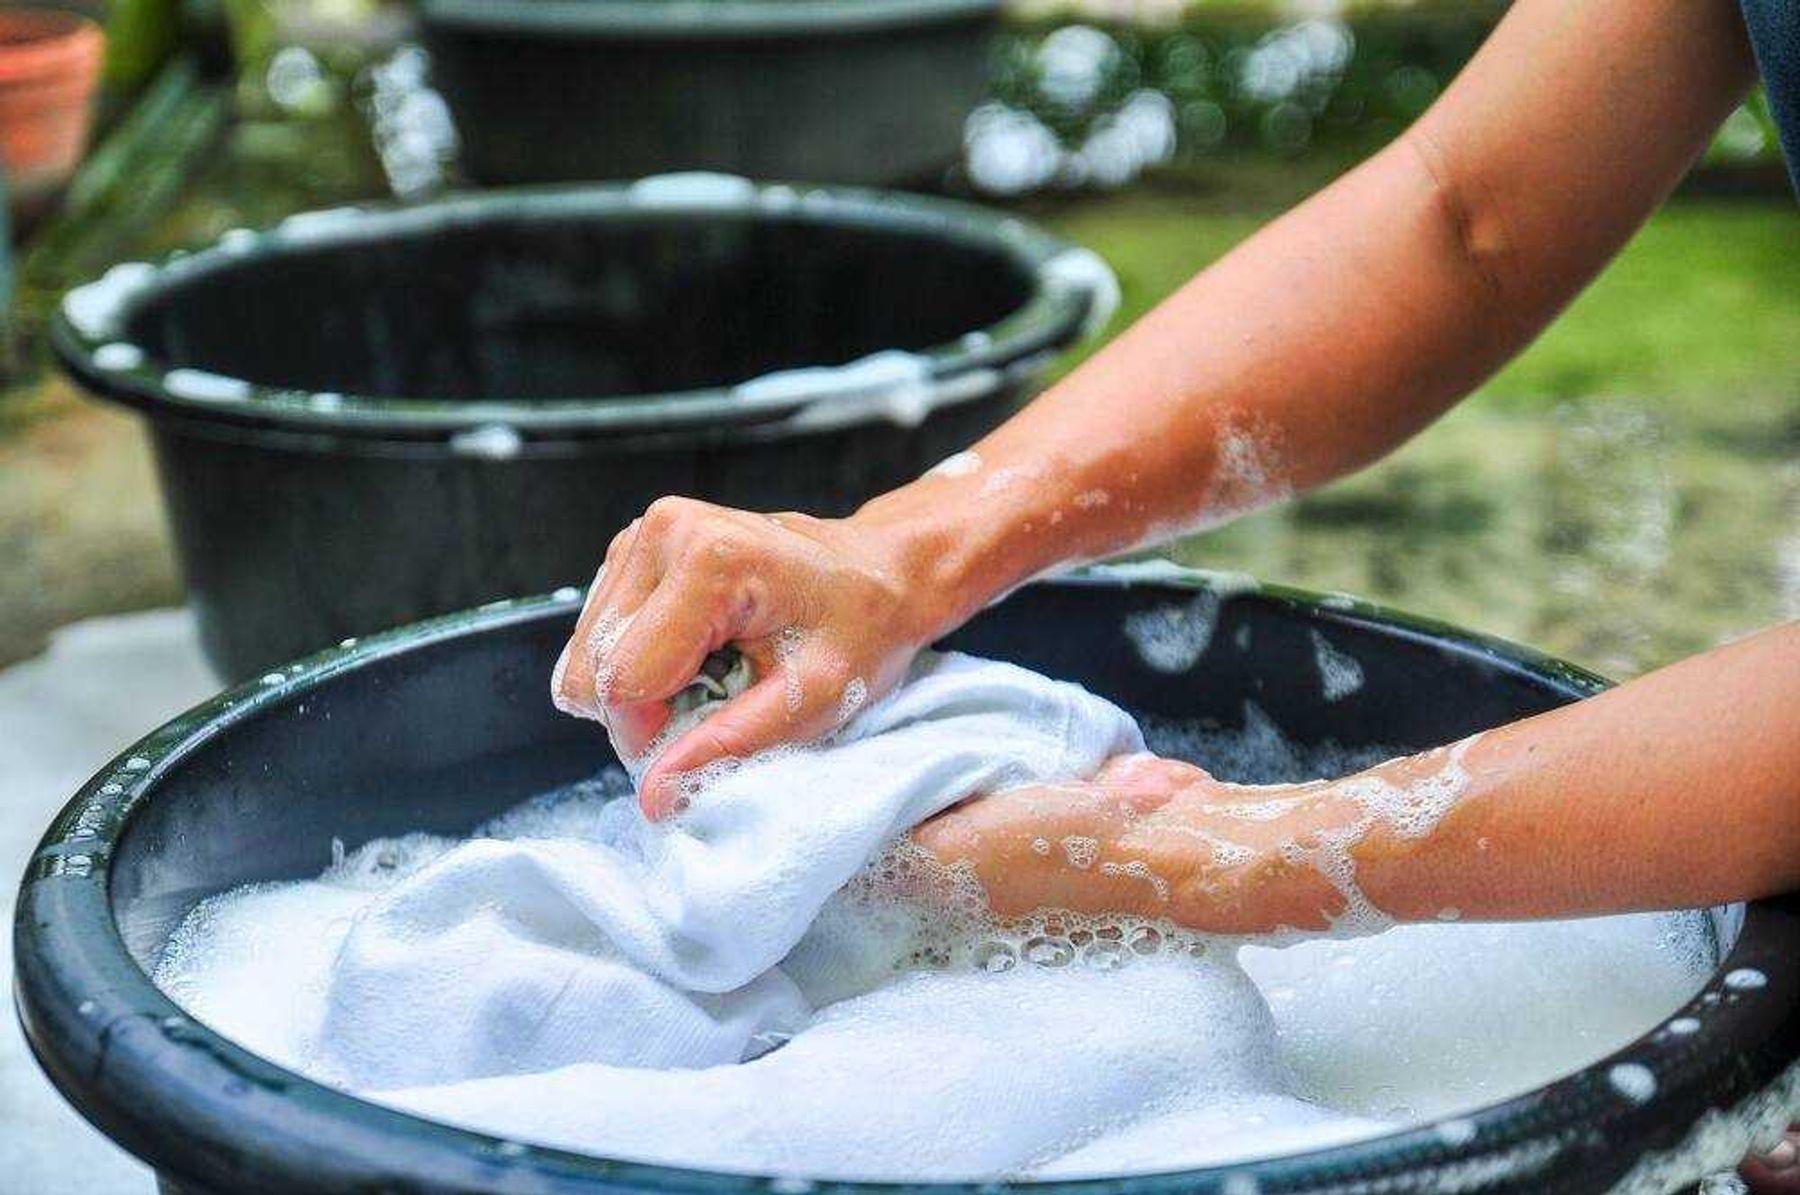 Hướng dẫn cách bảo quản áo choàng tắm cho bé mềm mại và bền lâu